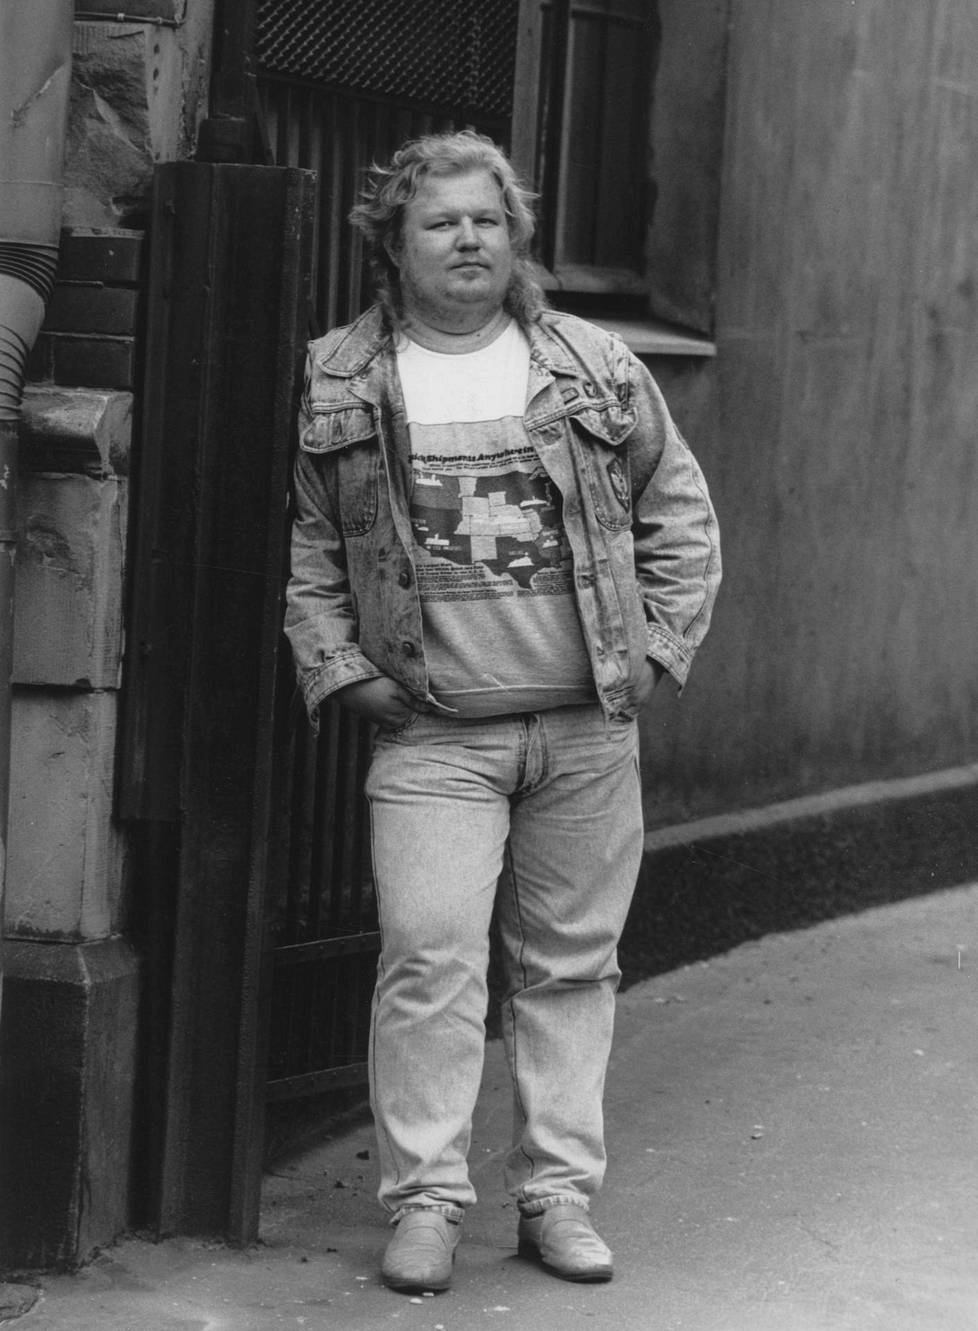 Jope Ruonansuu vuonna 1988. Ruonansuu aloitti uransa viihteen parissa stand-up-koomikkona 80-luvulla. Suuren yleisön tietoisuuteen hän nousi Klaustrofobia-viihdeohjelmassa, jota esitettiin MTV3-kanavalla vuosina 1982–1984. Ohjelma keräsi tv-ruutujen eteen miljoonayleisön. Vuonna 1988 Ruonansuu julkaisi debyyttialbuminsa ja pääsi samana vuonna esiintymään suuren idolinsa Vesa-Matti Loirin Vesku Show'hun.